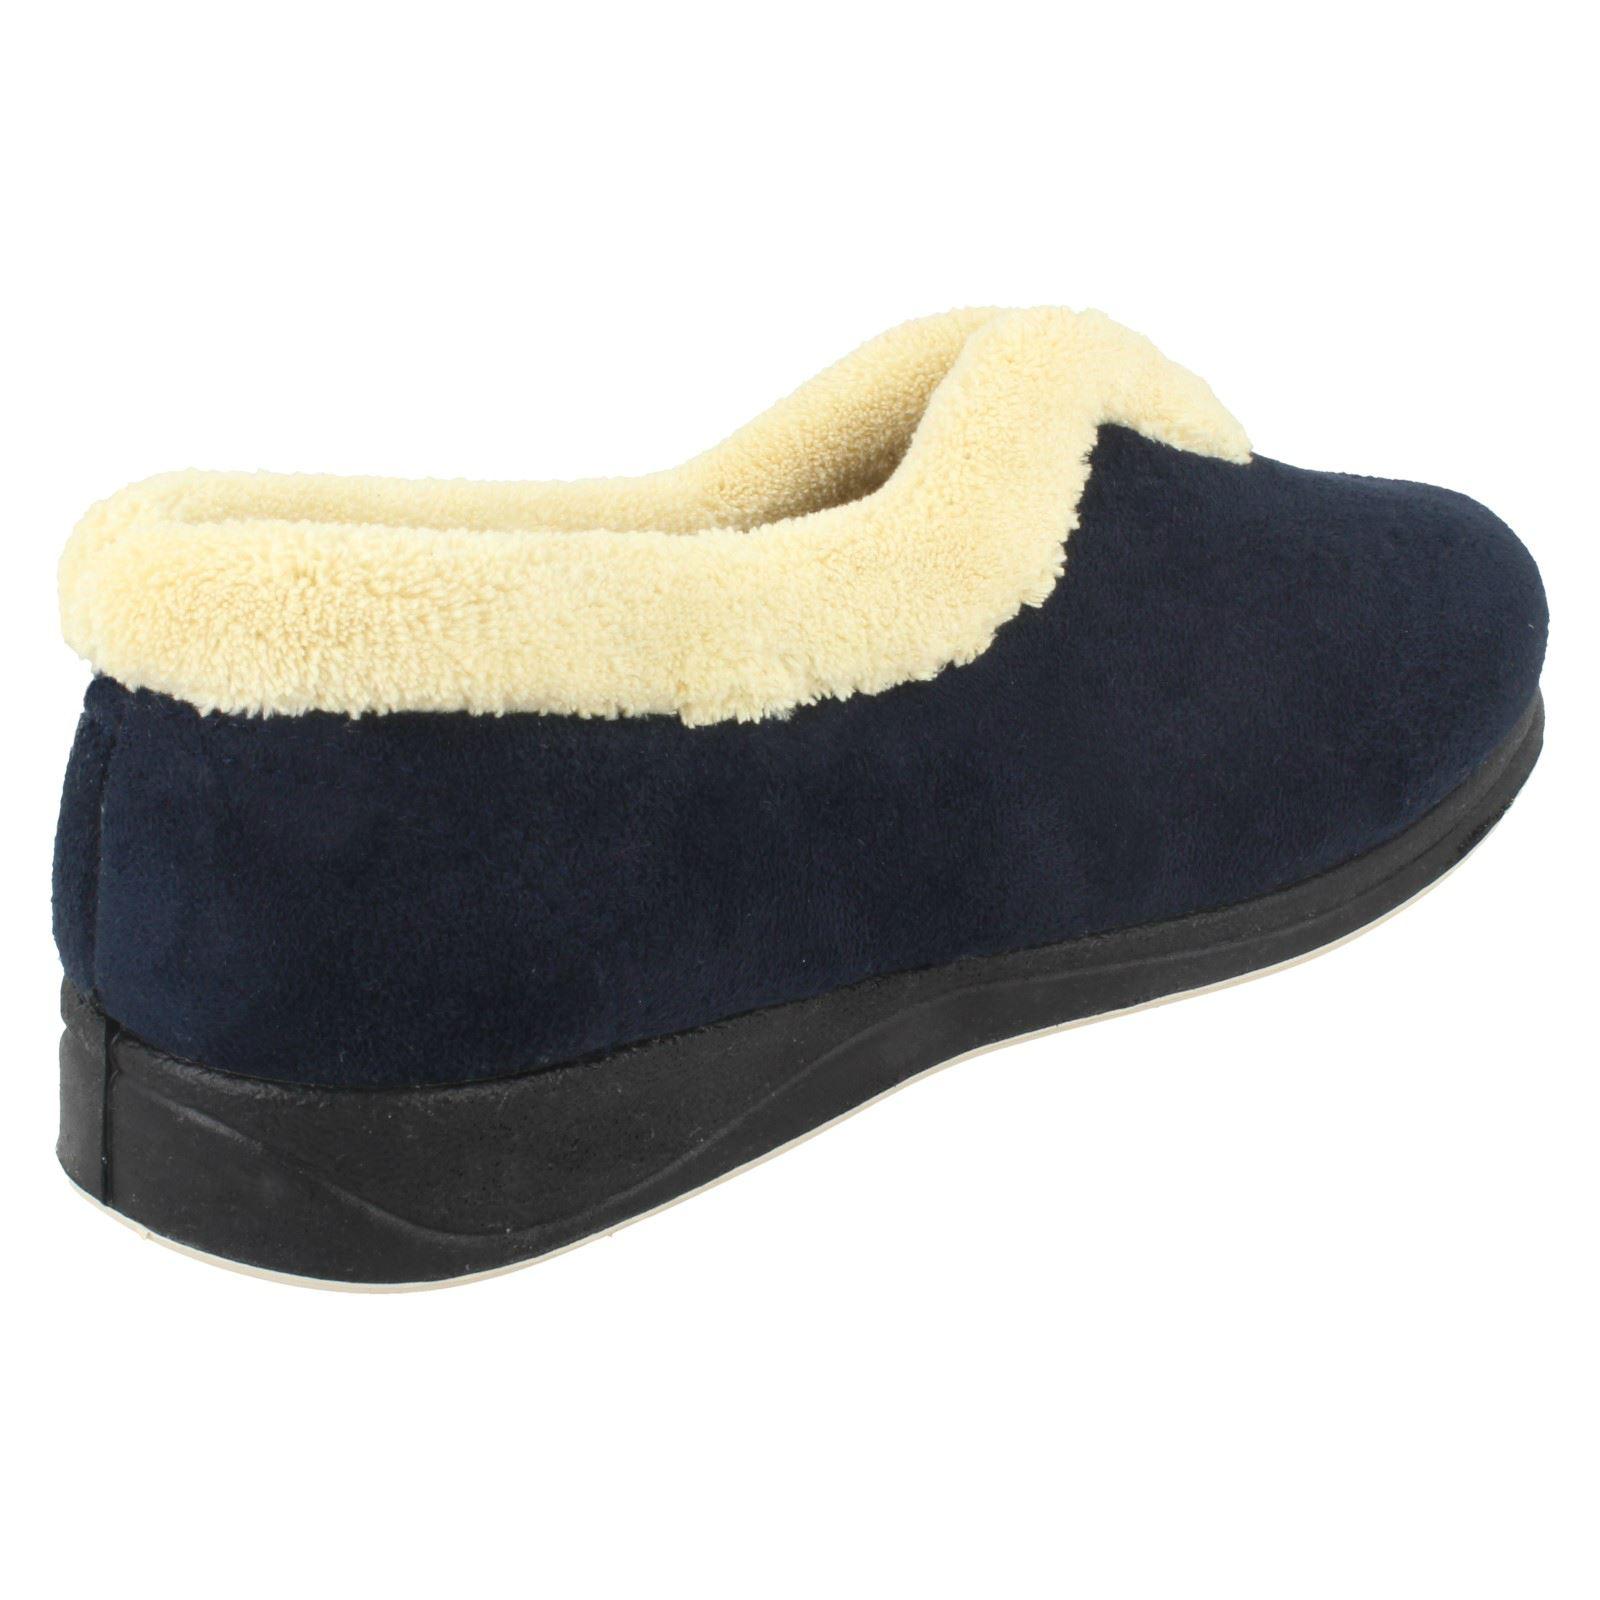 Padders Ladies Slippers-Carmen